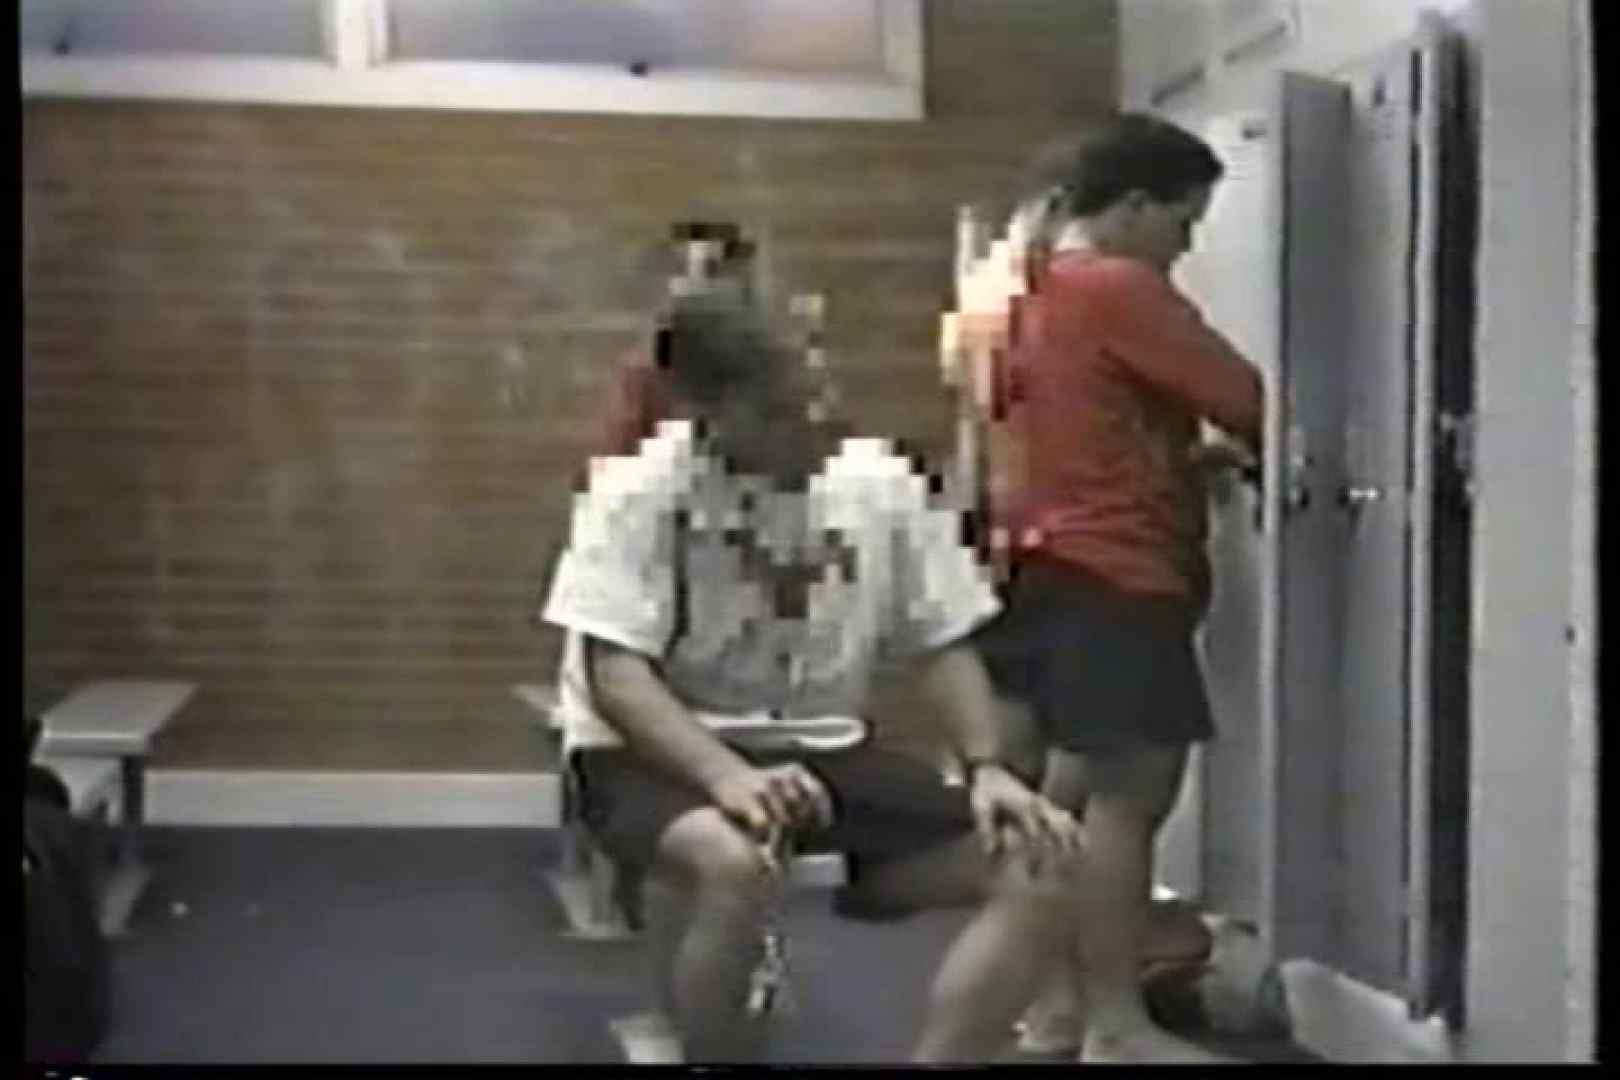 ゲイところてん|洋人さんの脱衣所を覗いてみました。VOL.4|ミサイルゲイボーイ